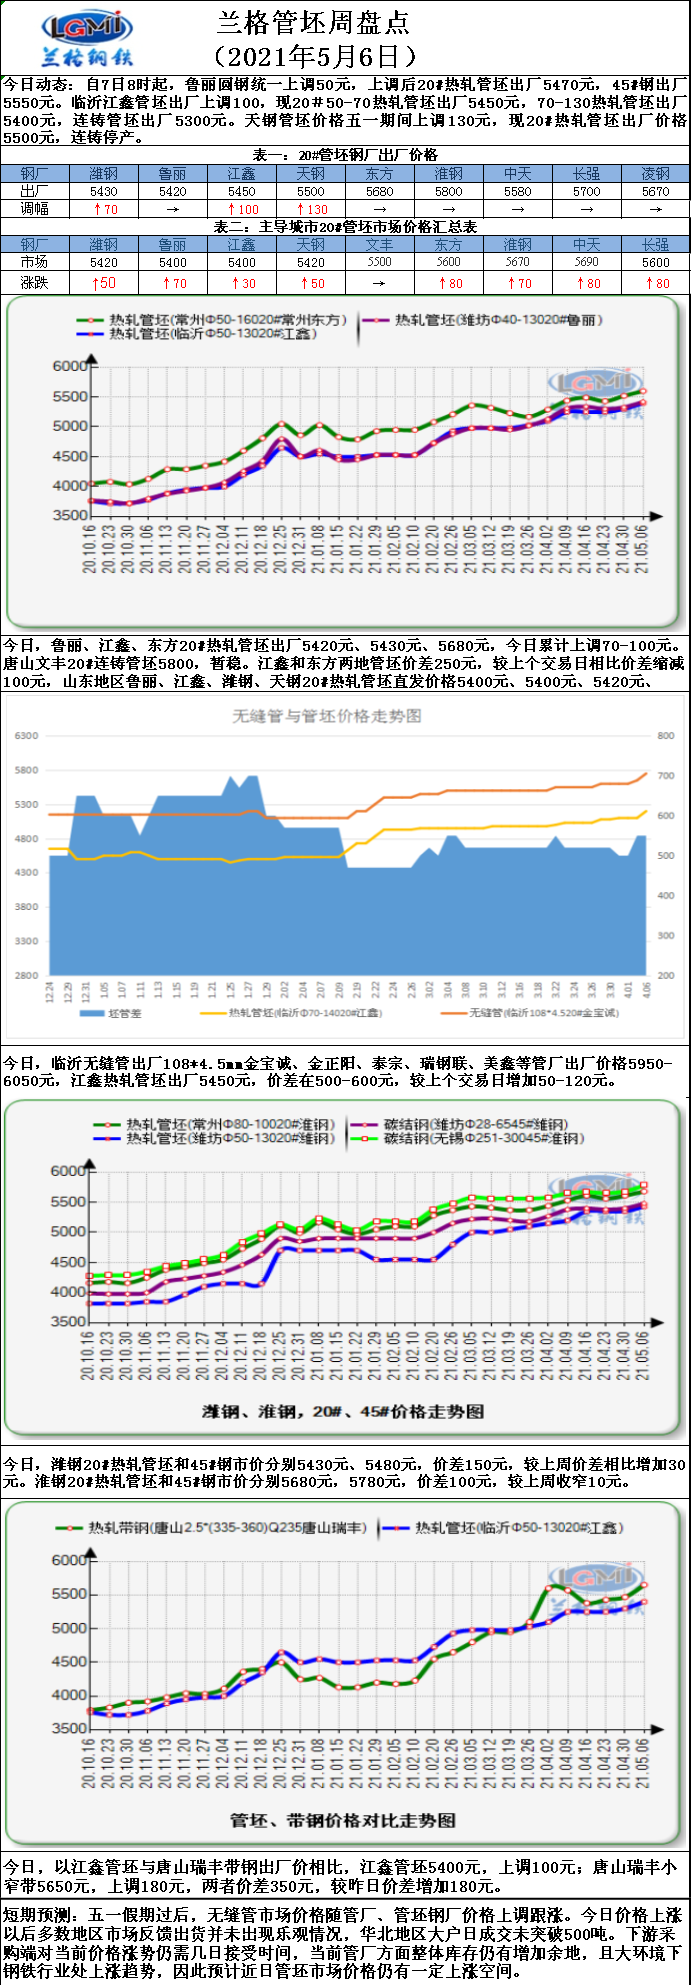 兰格管坯日盘点(5.6):管坯价格持续上调 后续上调趋势十足